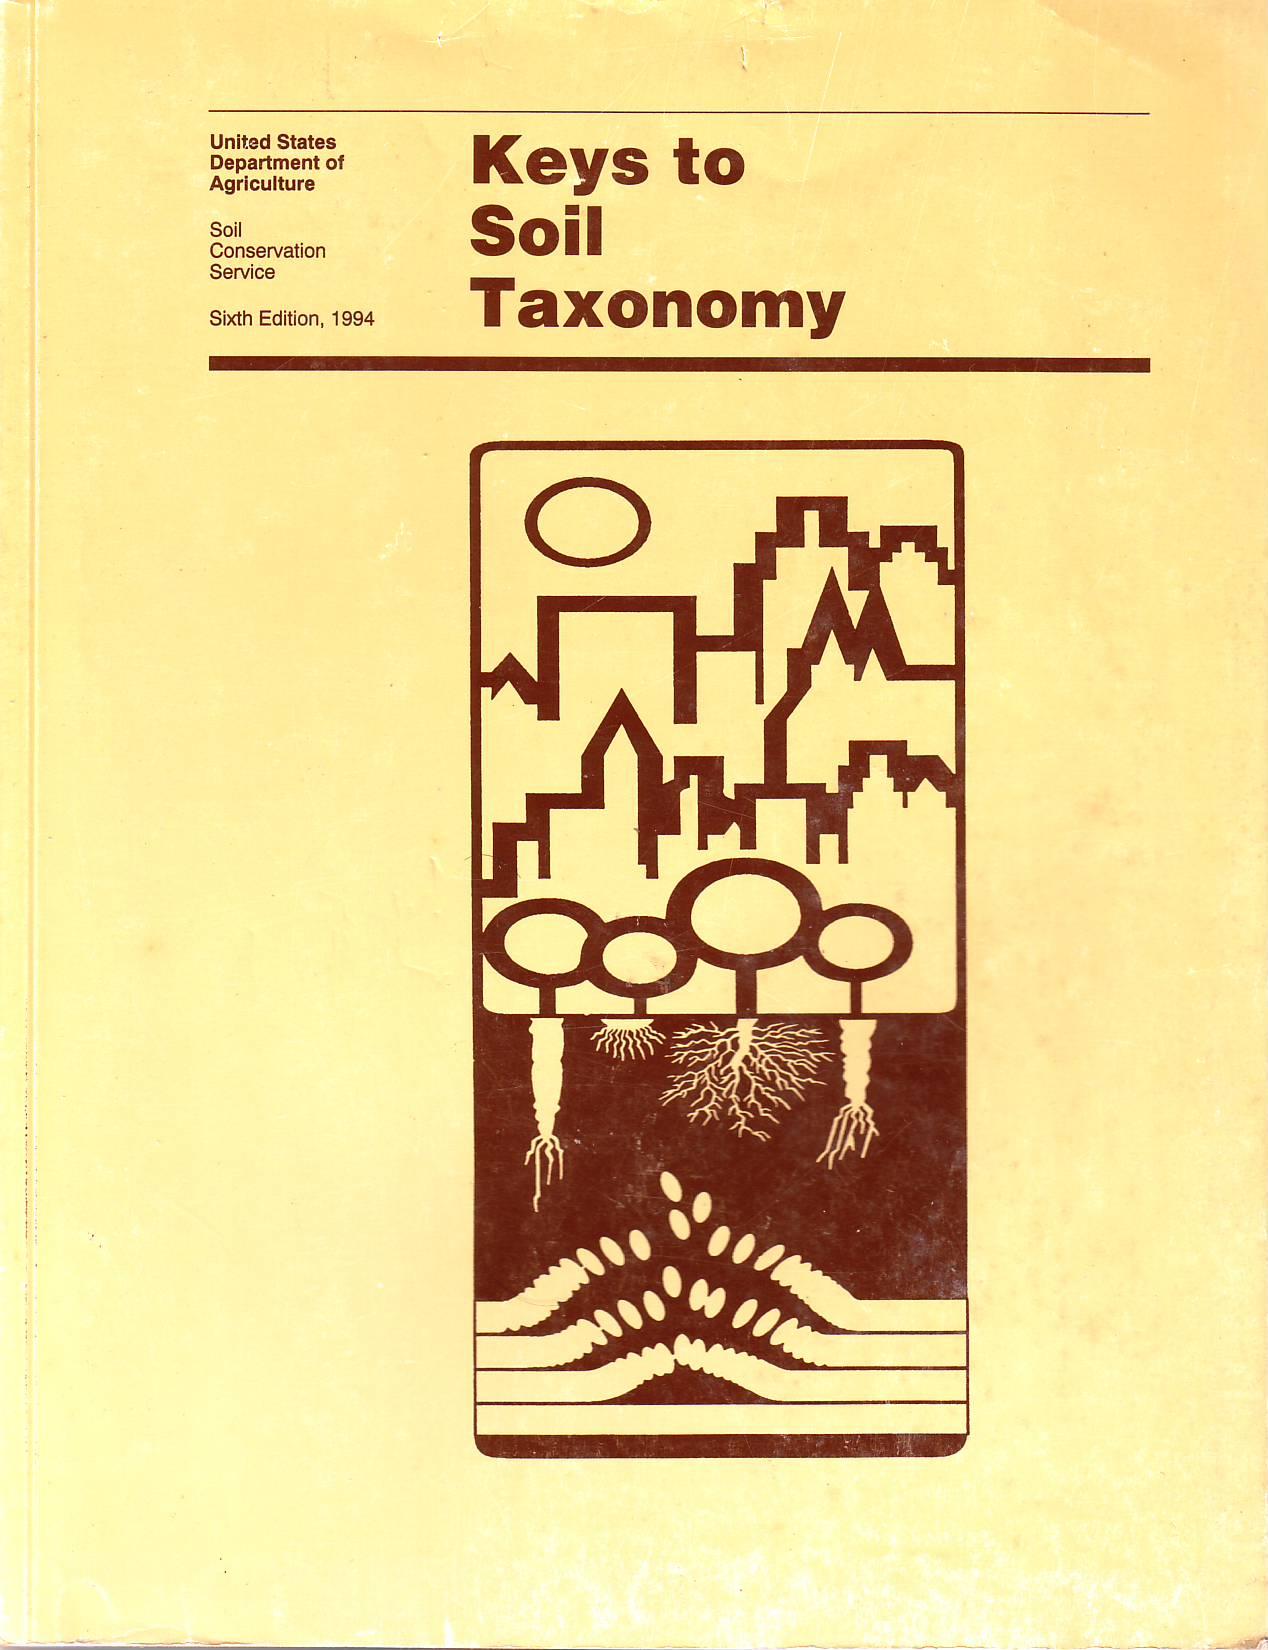 Keys to Soil Taxonomy